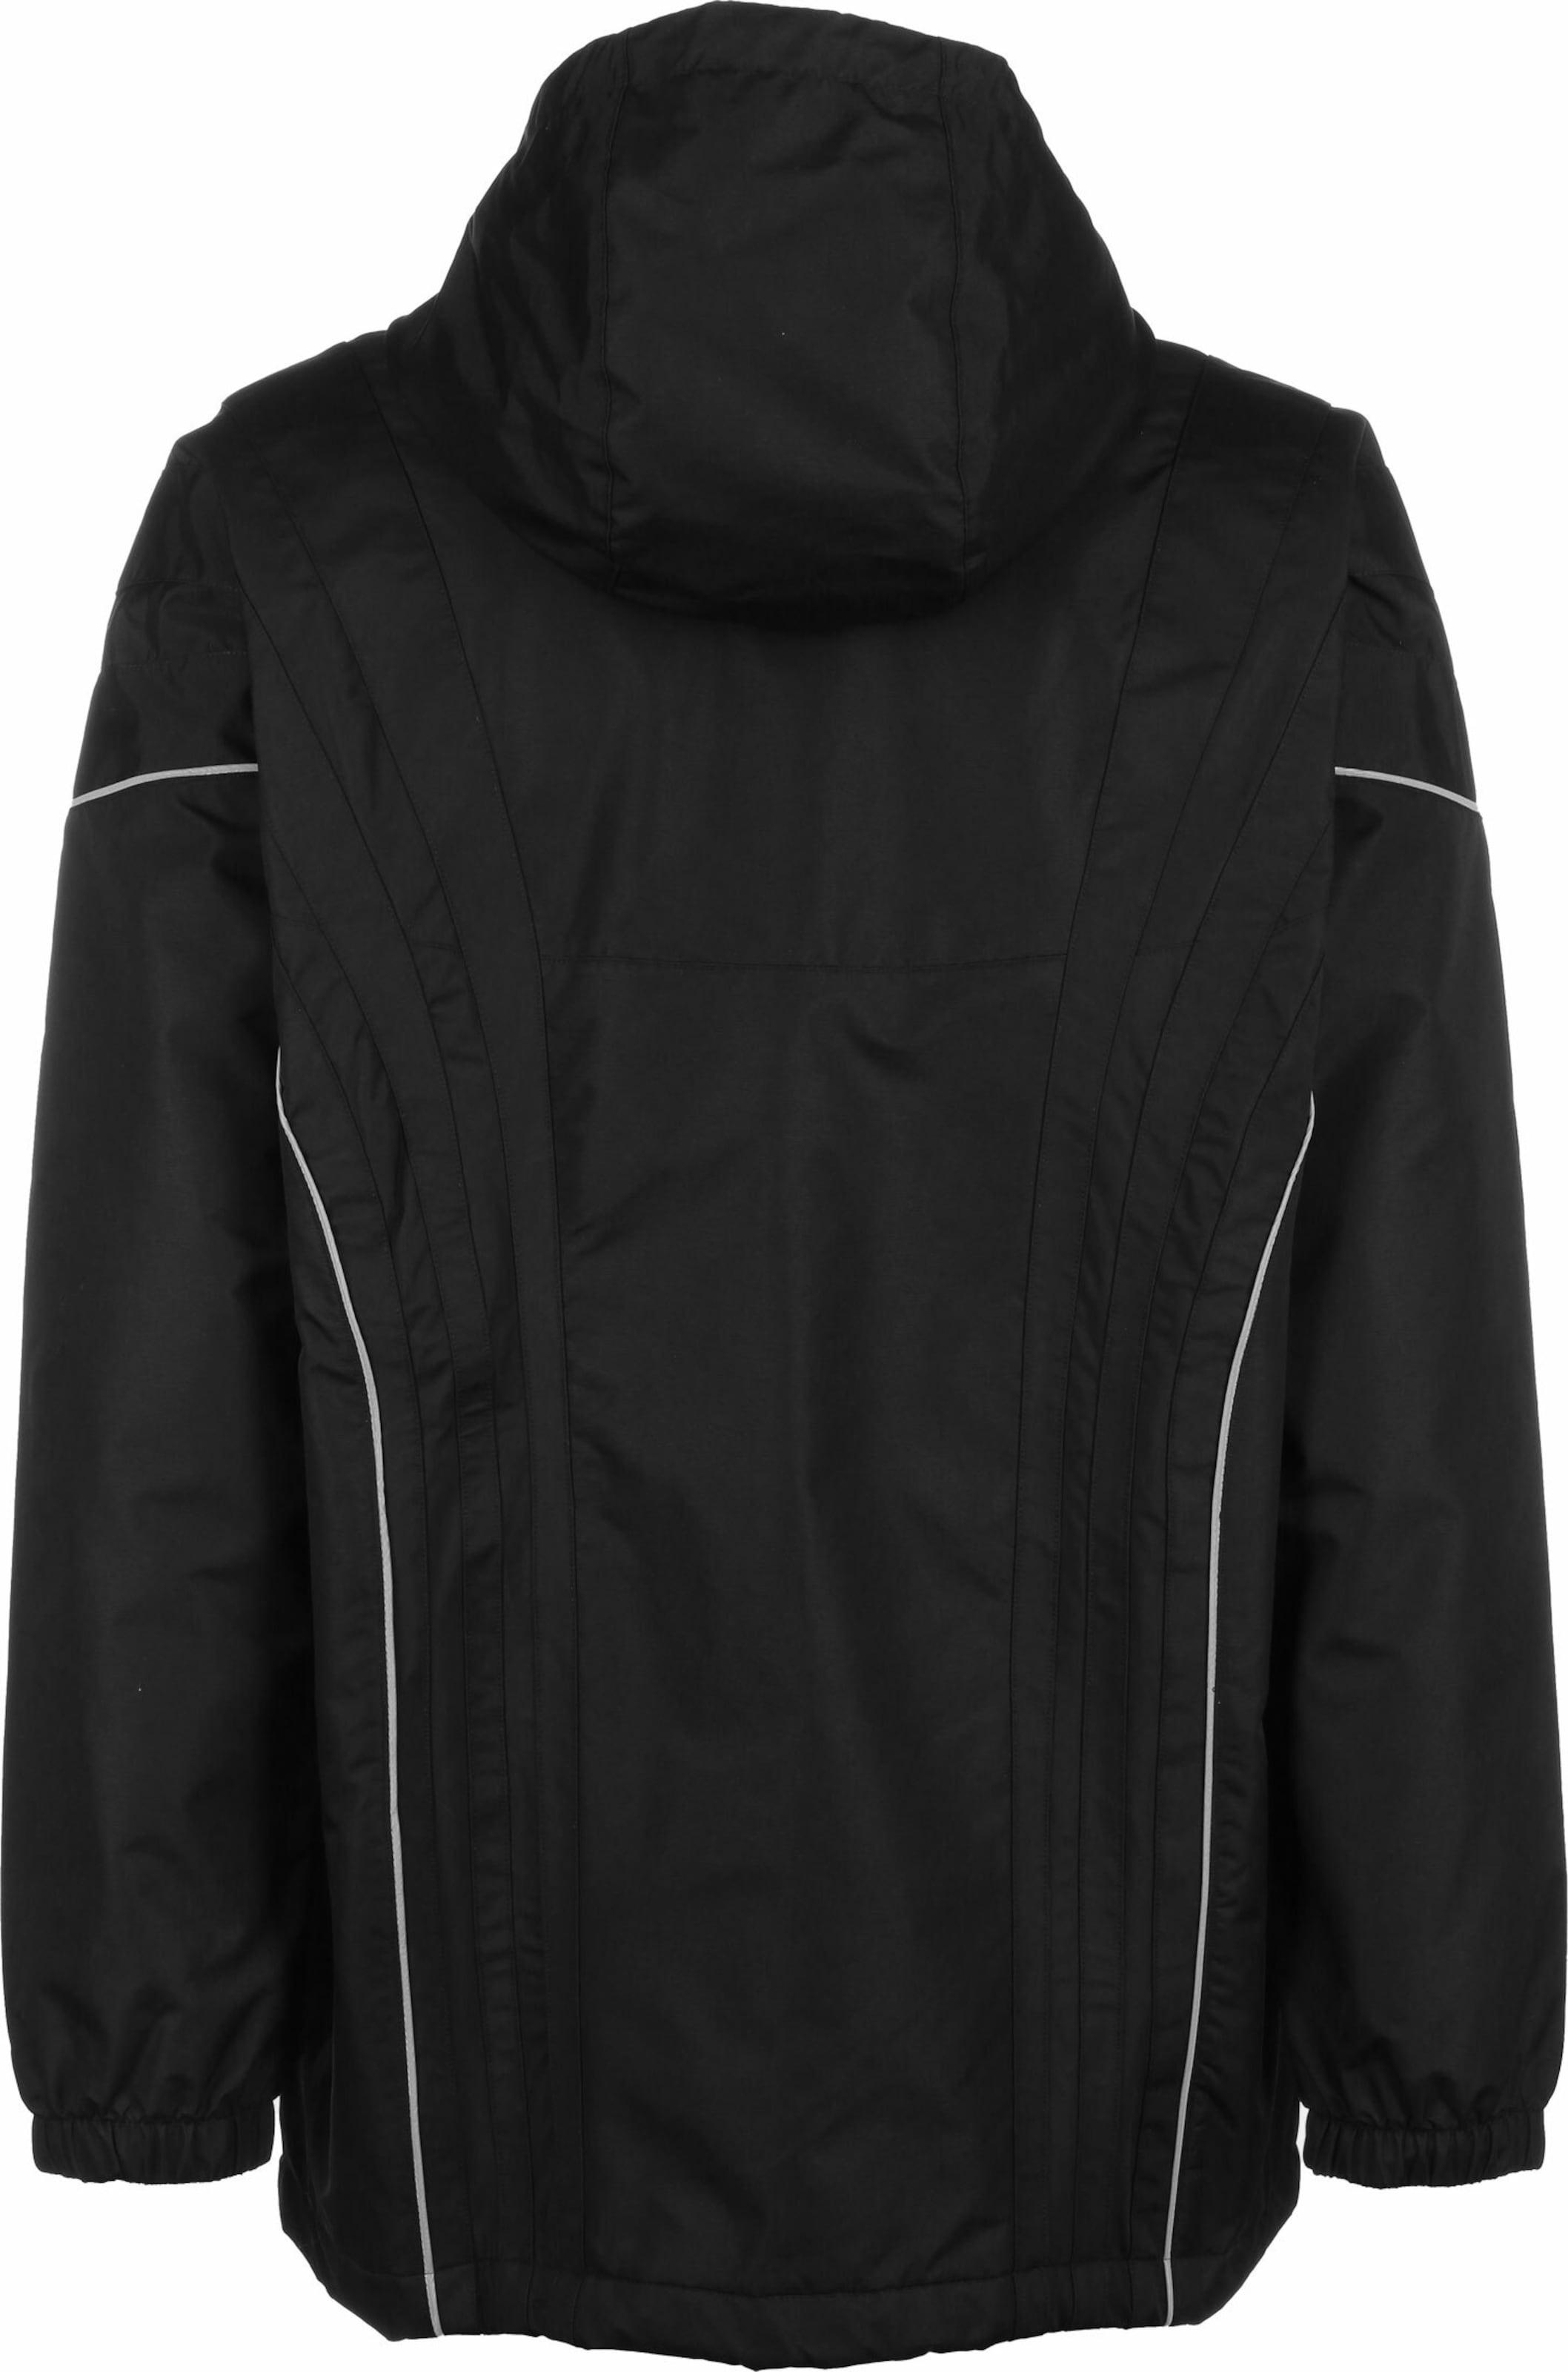 ADIDAS ORIGINALS Jacke ' 96 ' in schwarz Leicht gefüttert KJ495675011